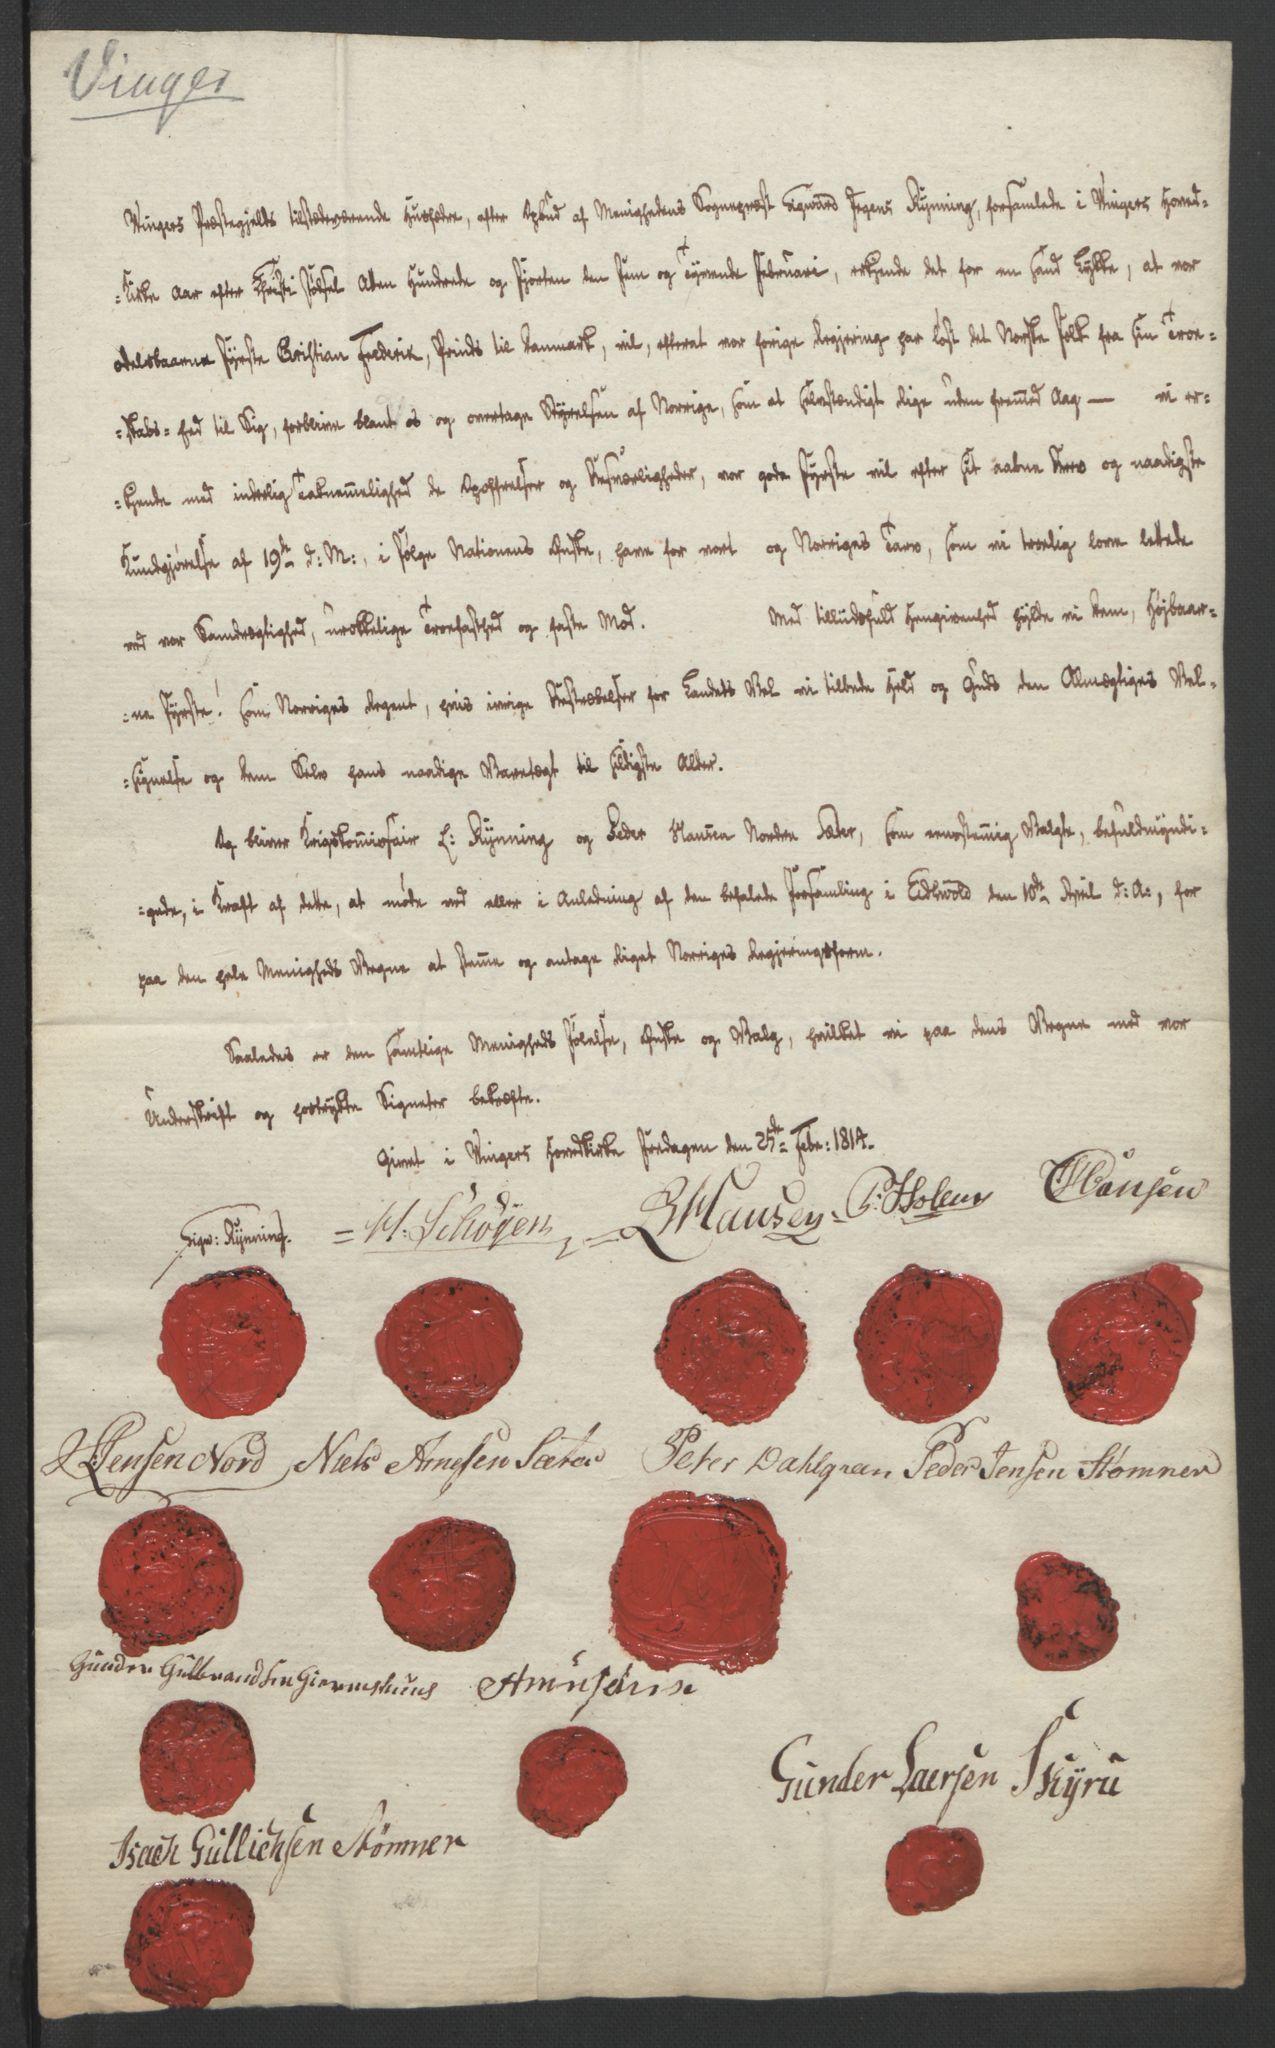 RA, Statsrådssekretariatet, D/Db/L0007: Fullmakter for Eidsvollsrepresentantene i 1814. , 1814, s. 247